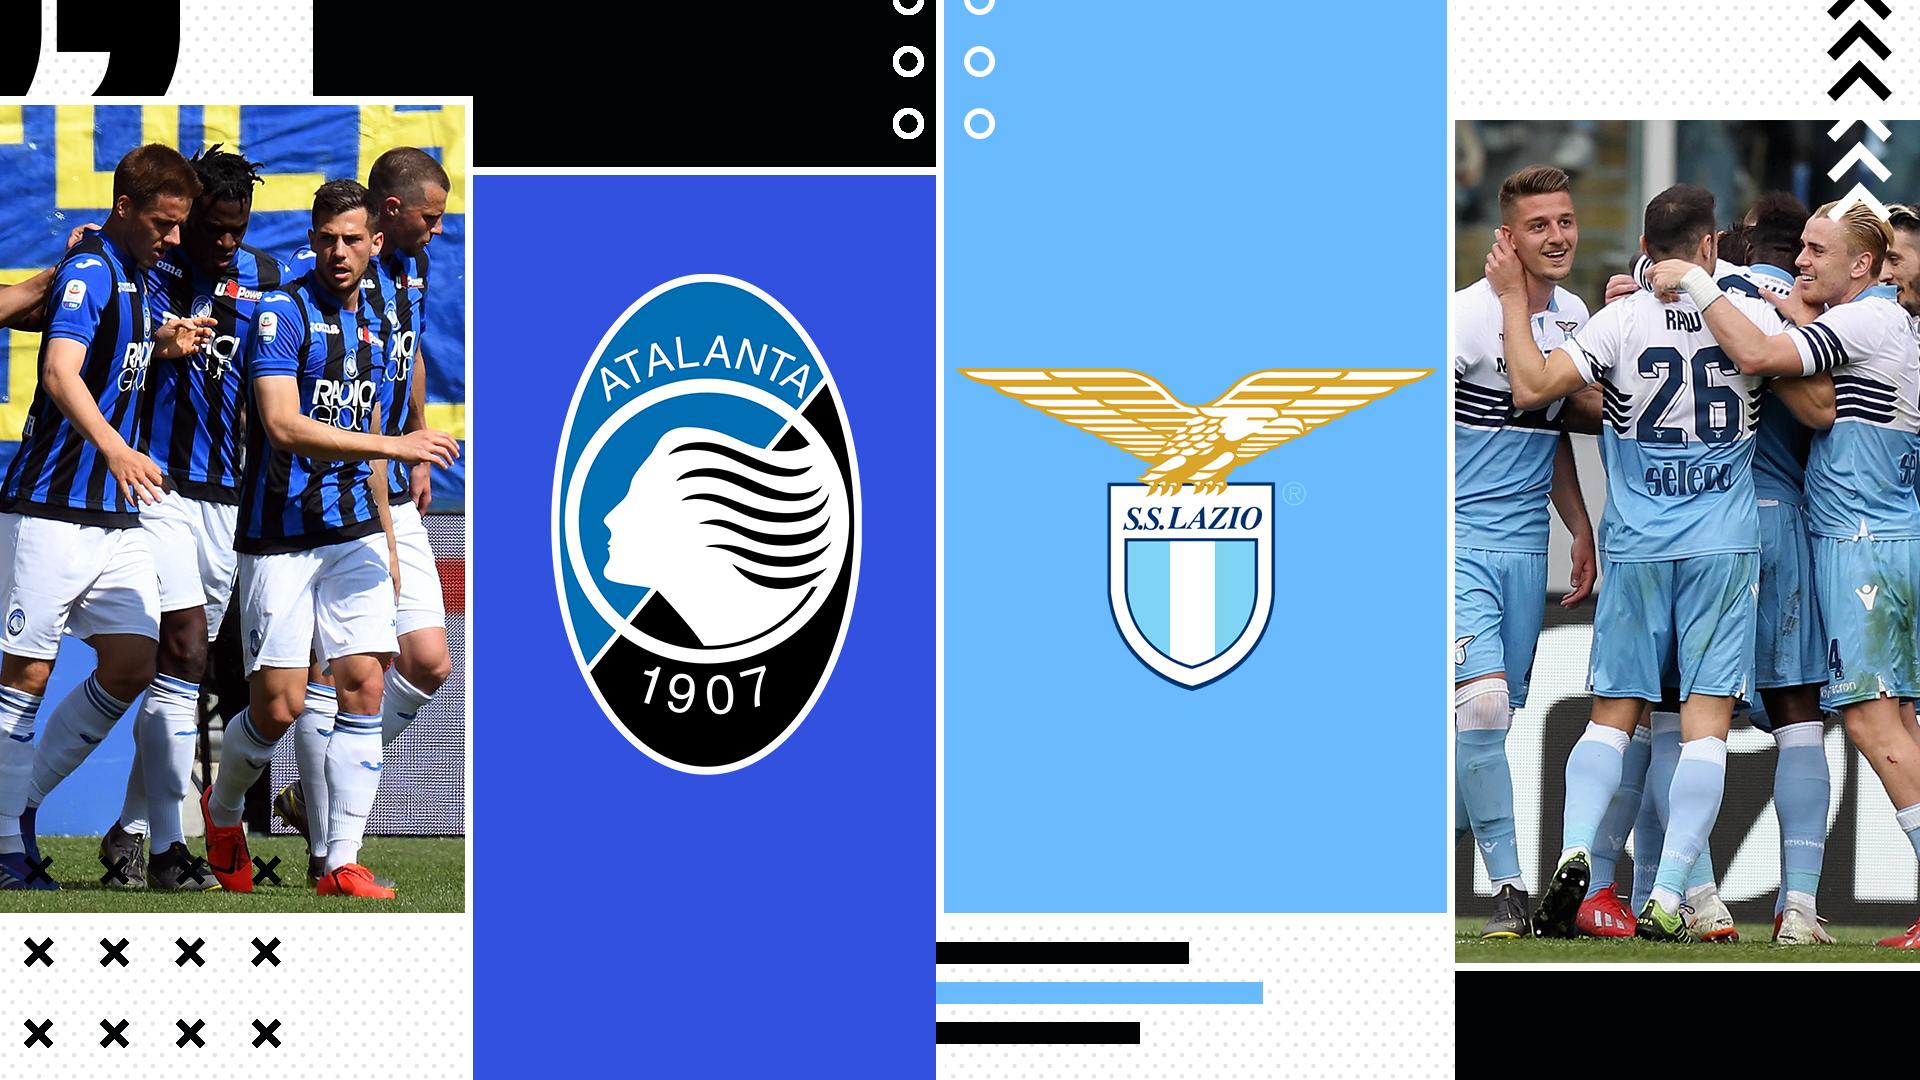 مشاهدة مباراة أتلانتا ولاتسيو بث مباشر اليوم الاربعاء بتاريخ 24-06-2020 الدوري الايطالي